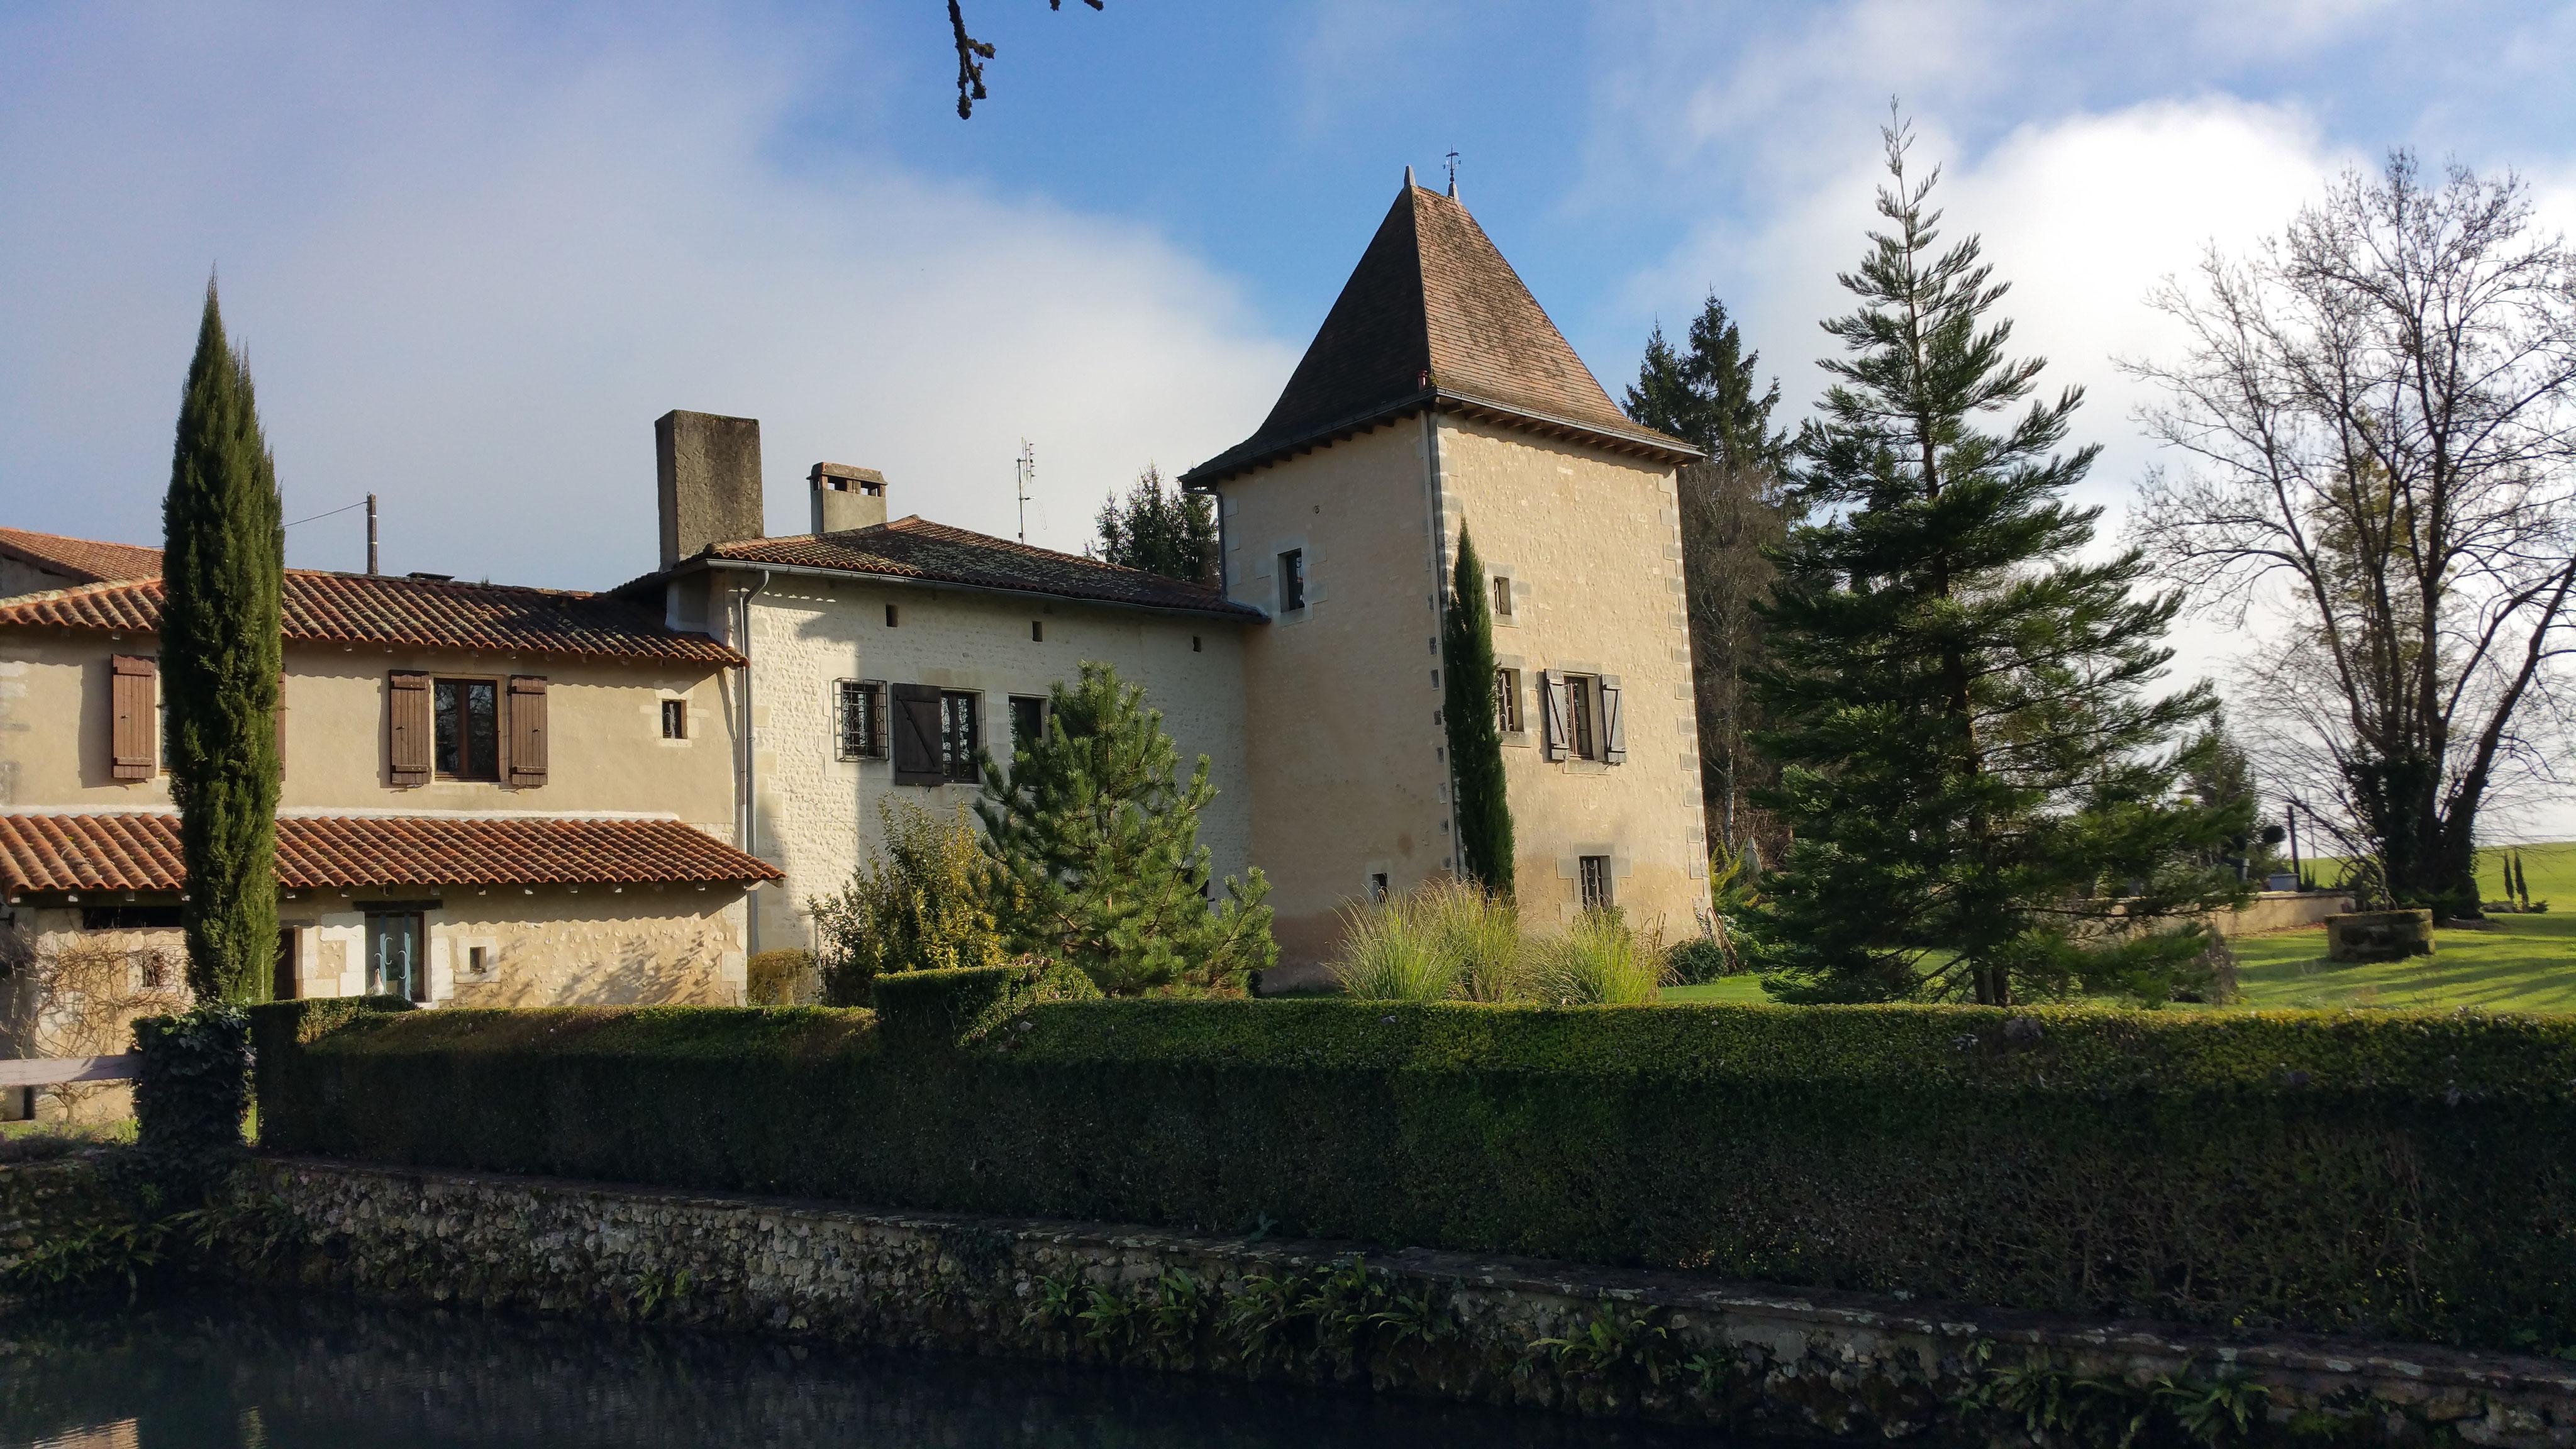 Des Chambres D'Hôtes En Charente, Au Cœur De La Nature tout Chambre D Hote Notre Dame De Monts